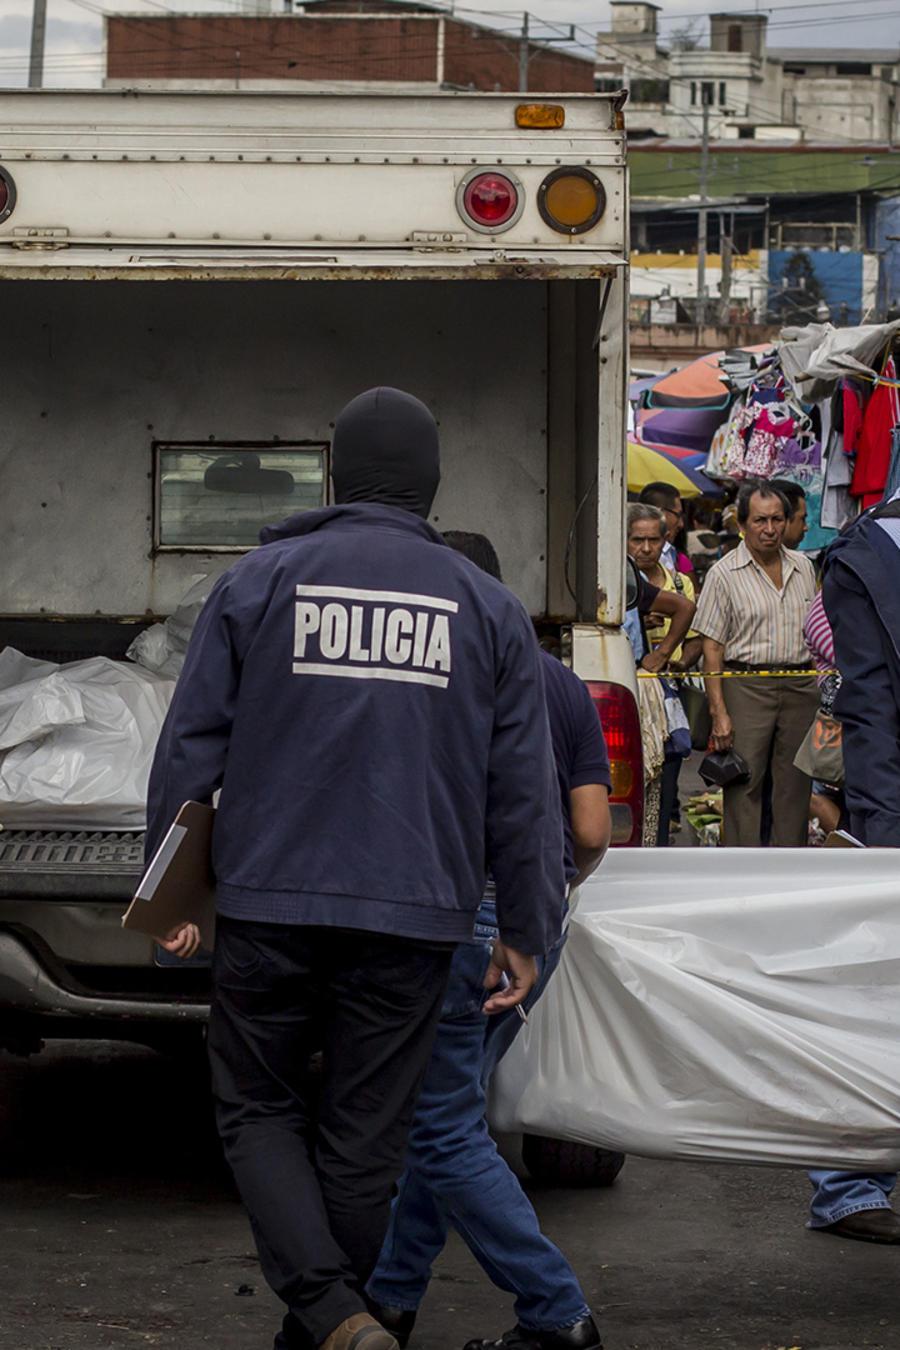 La violencia y la inseguridad dispara la ansiedad en El Salvador